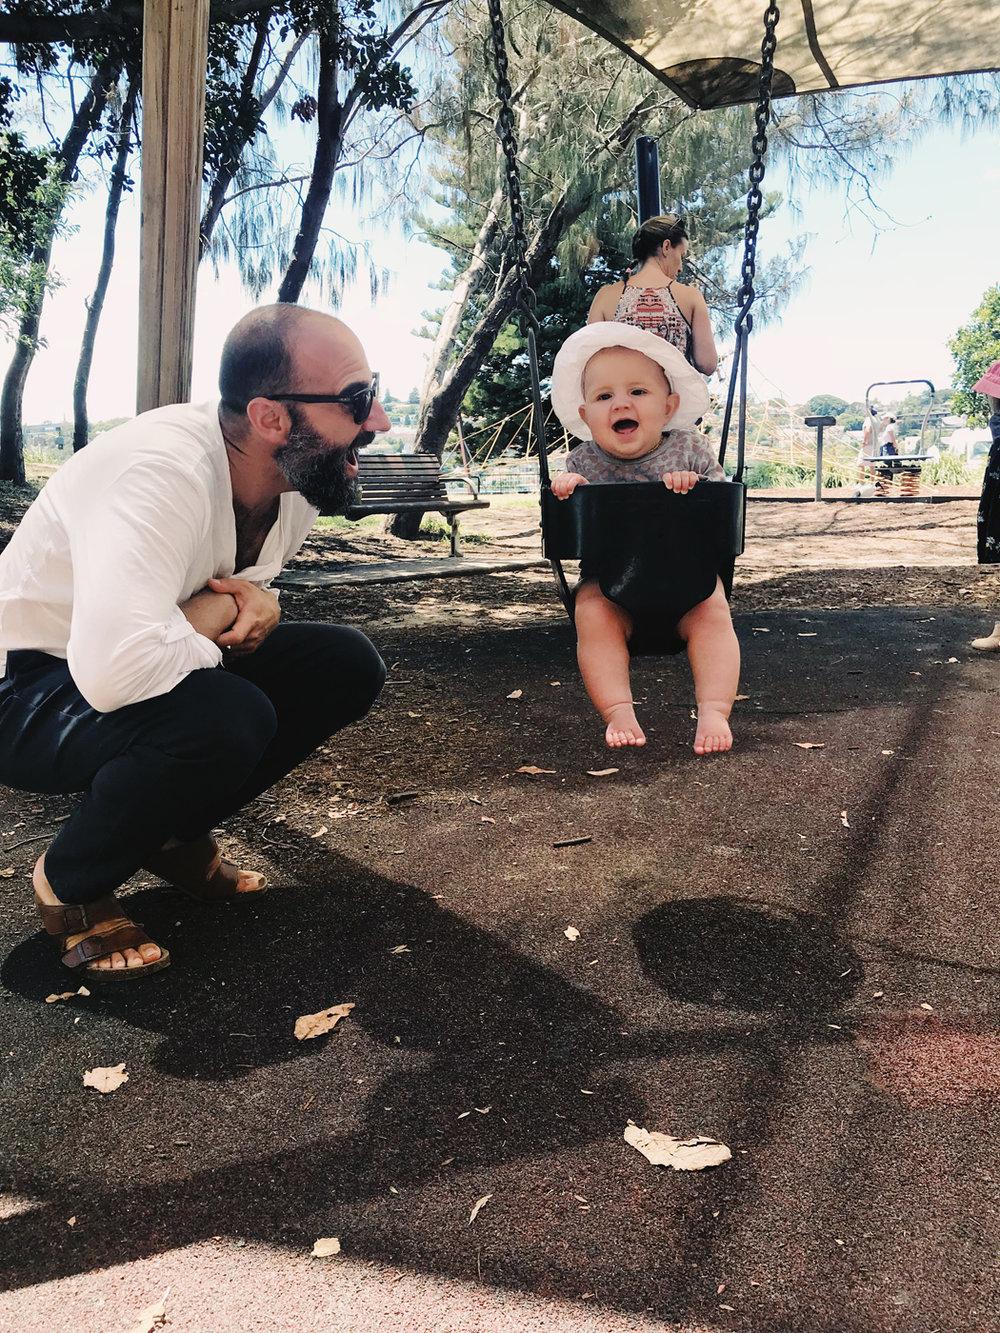 vegan dad vegan baby vegan family sydney 02.jpg